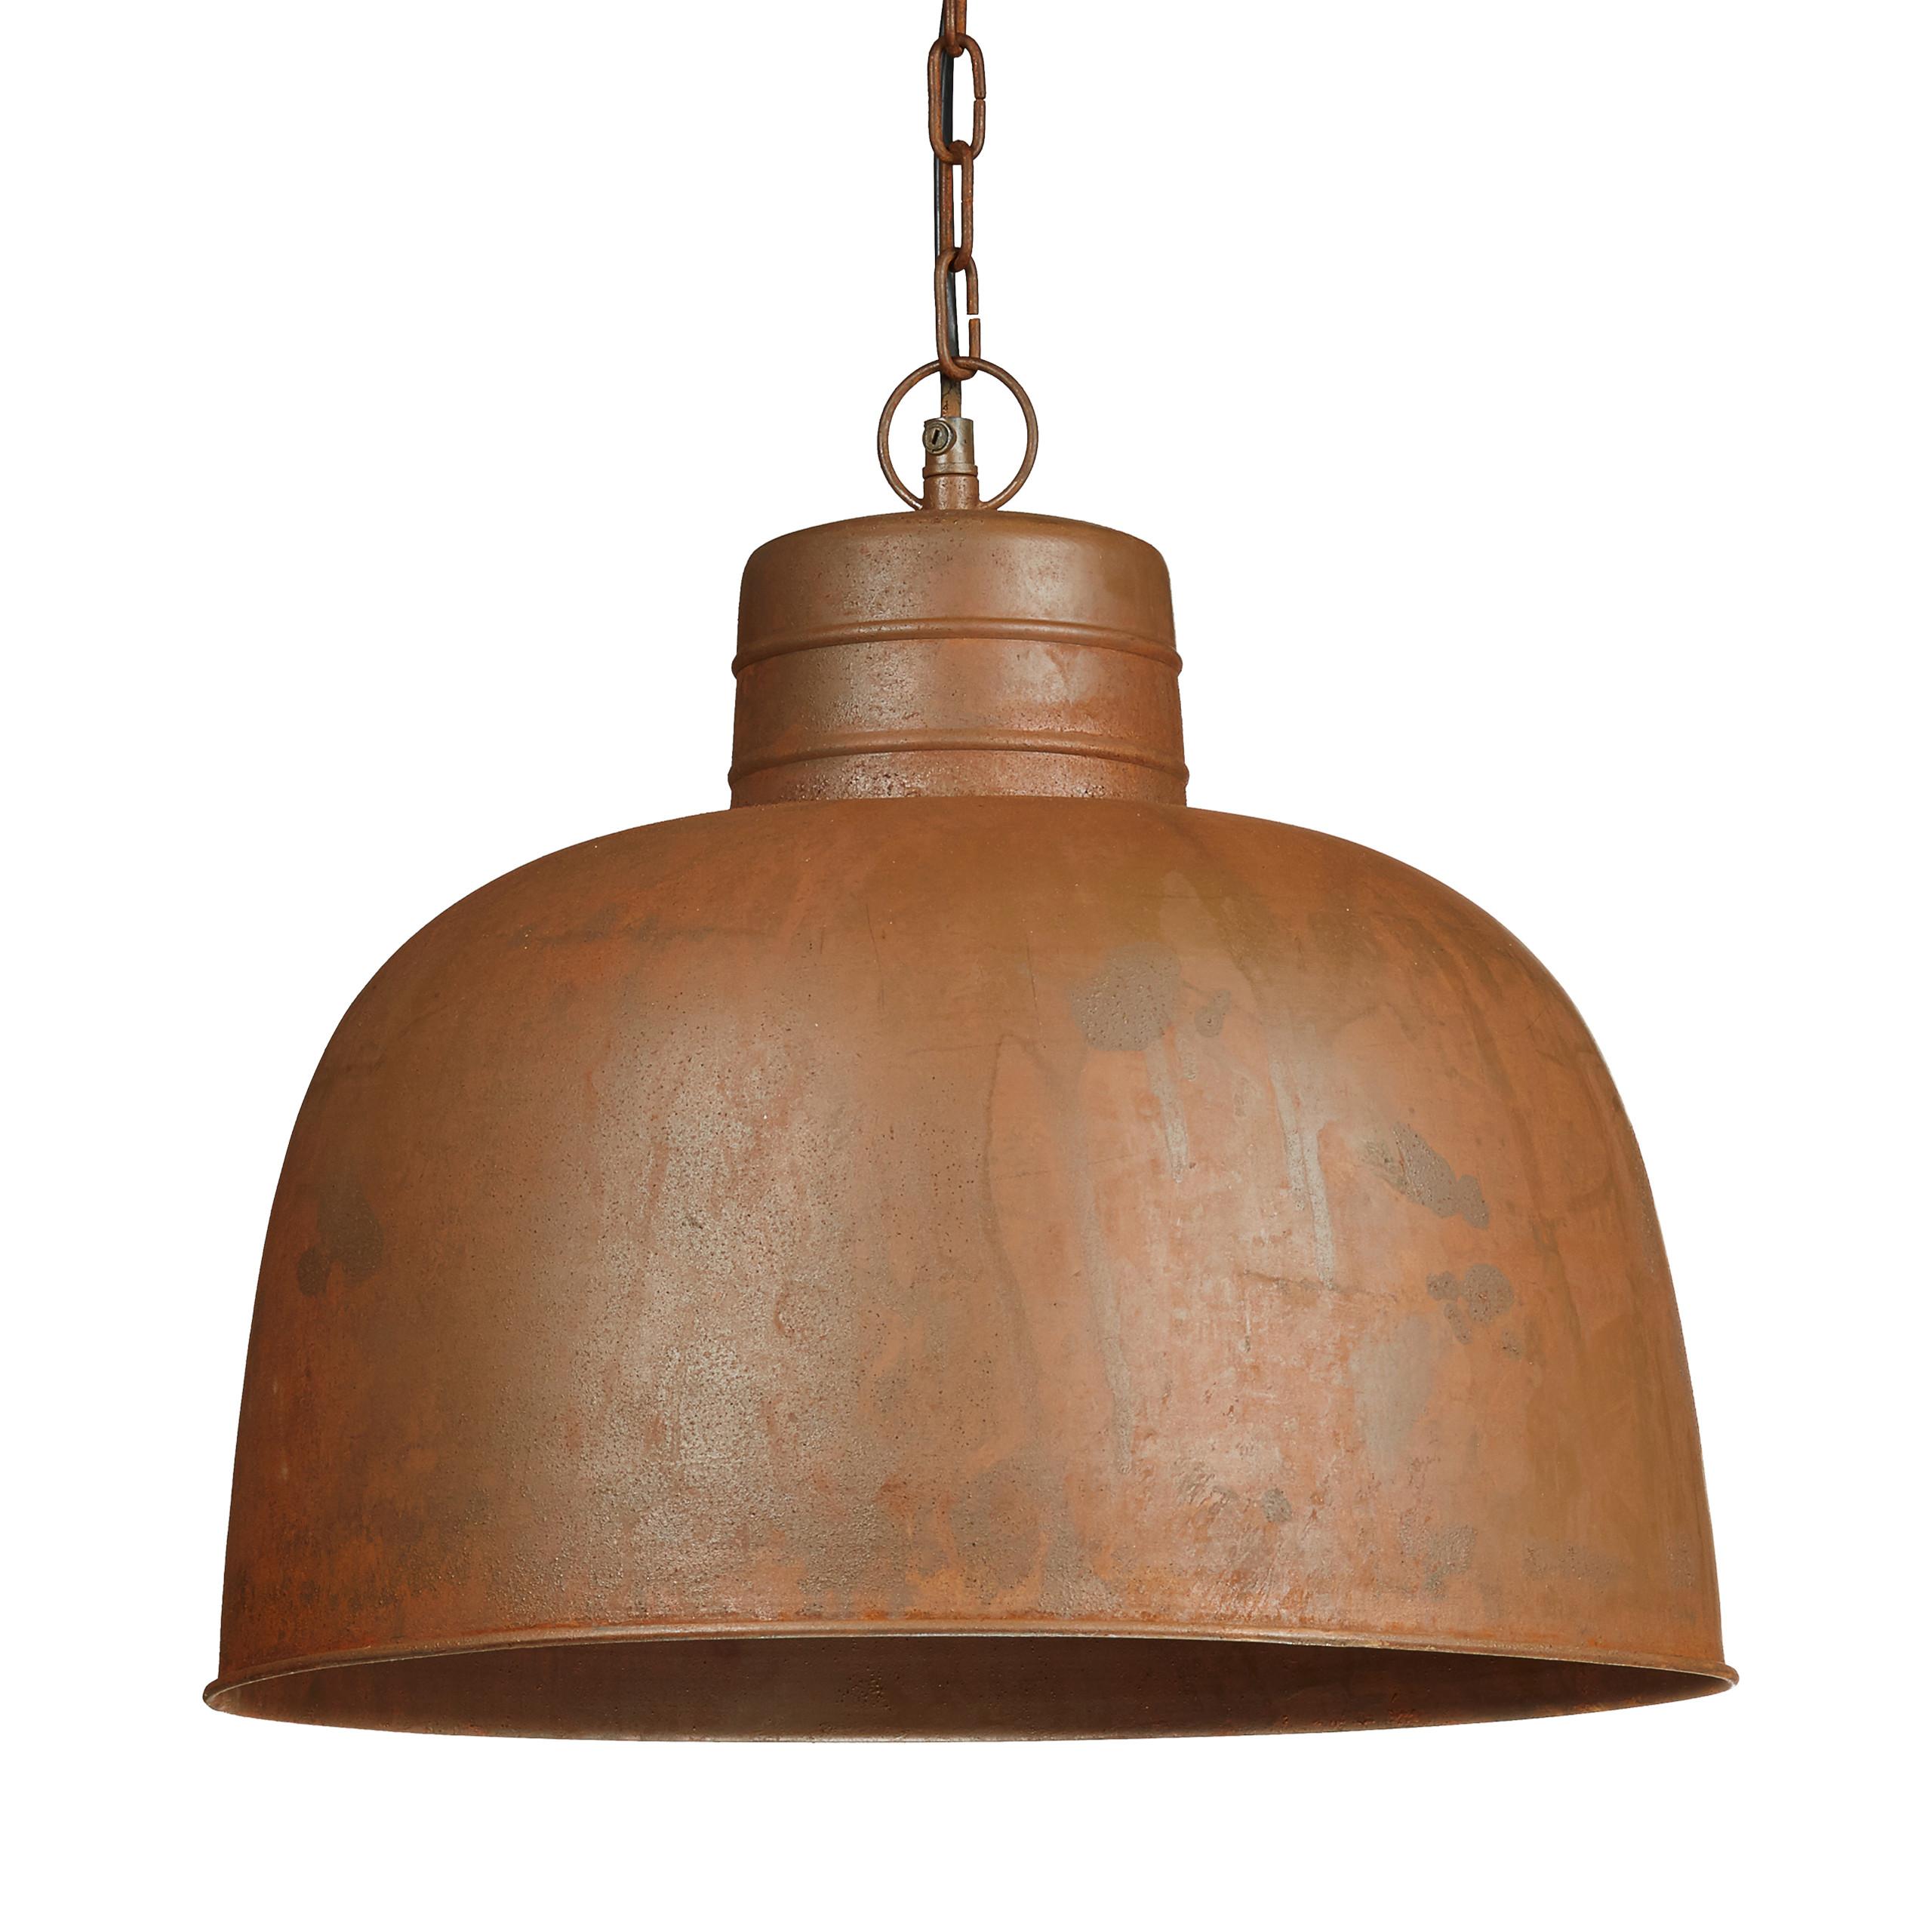 Lampara-colgante-de-techo-diseno-industrial-iluminacion-hogar-metal-color-oxido